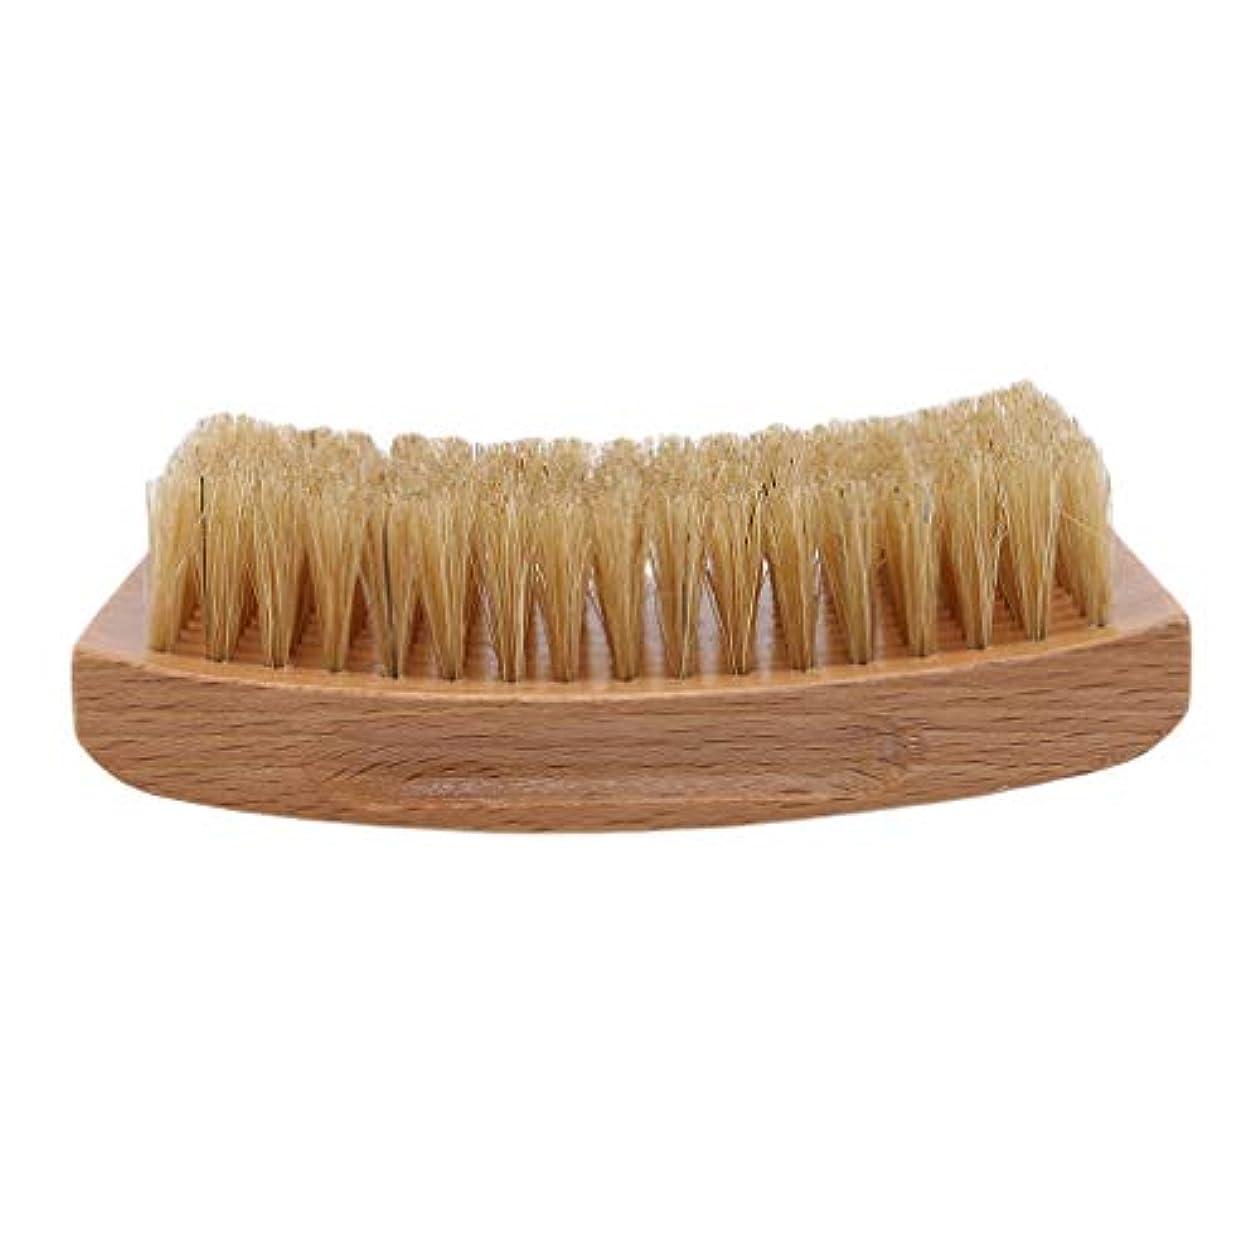 不満比喩ミルLargesoy ひげブラシ シェービングブラシ 理容 洗顔 髭剃り 泡立ち ひげ剃り 美容ツール シェービング用アクセサリー 1#